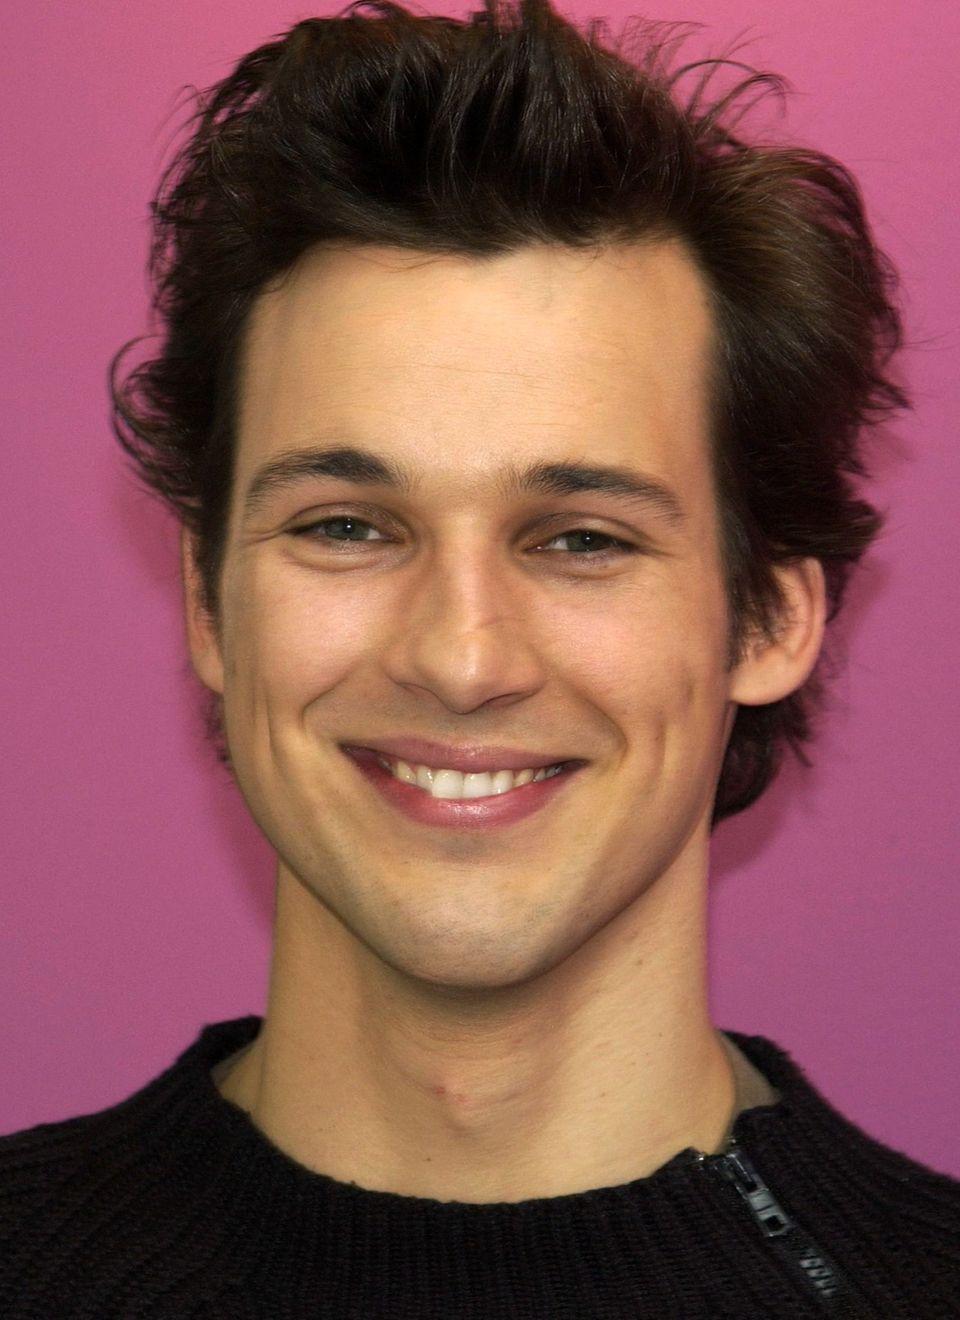 2002 war Florian David Fitz dem deutschen Publikum bereits bekannt. Mit seinem charmanten Lächeln konnte er schon damals zum Frauen-Schwarm avancieren.